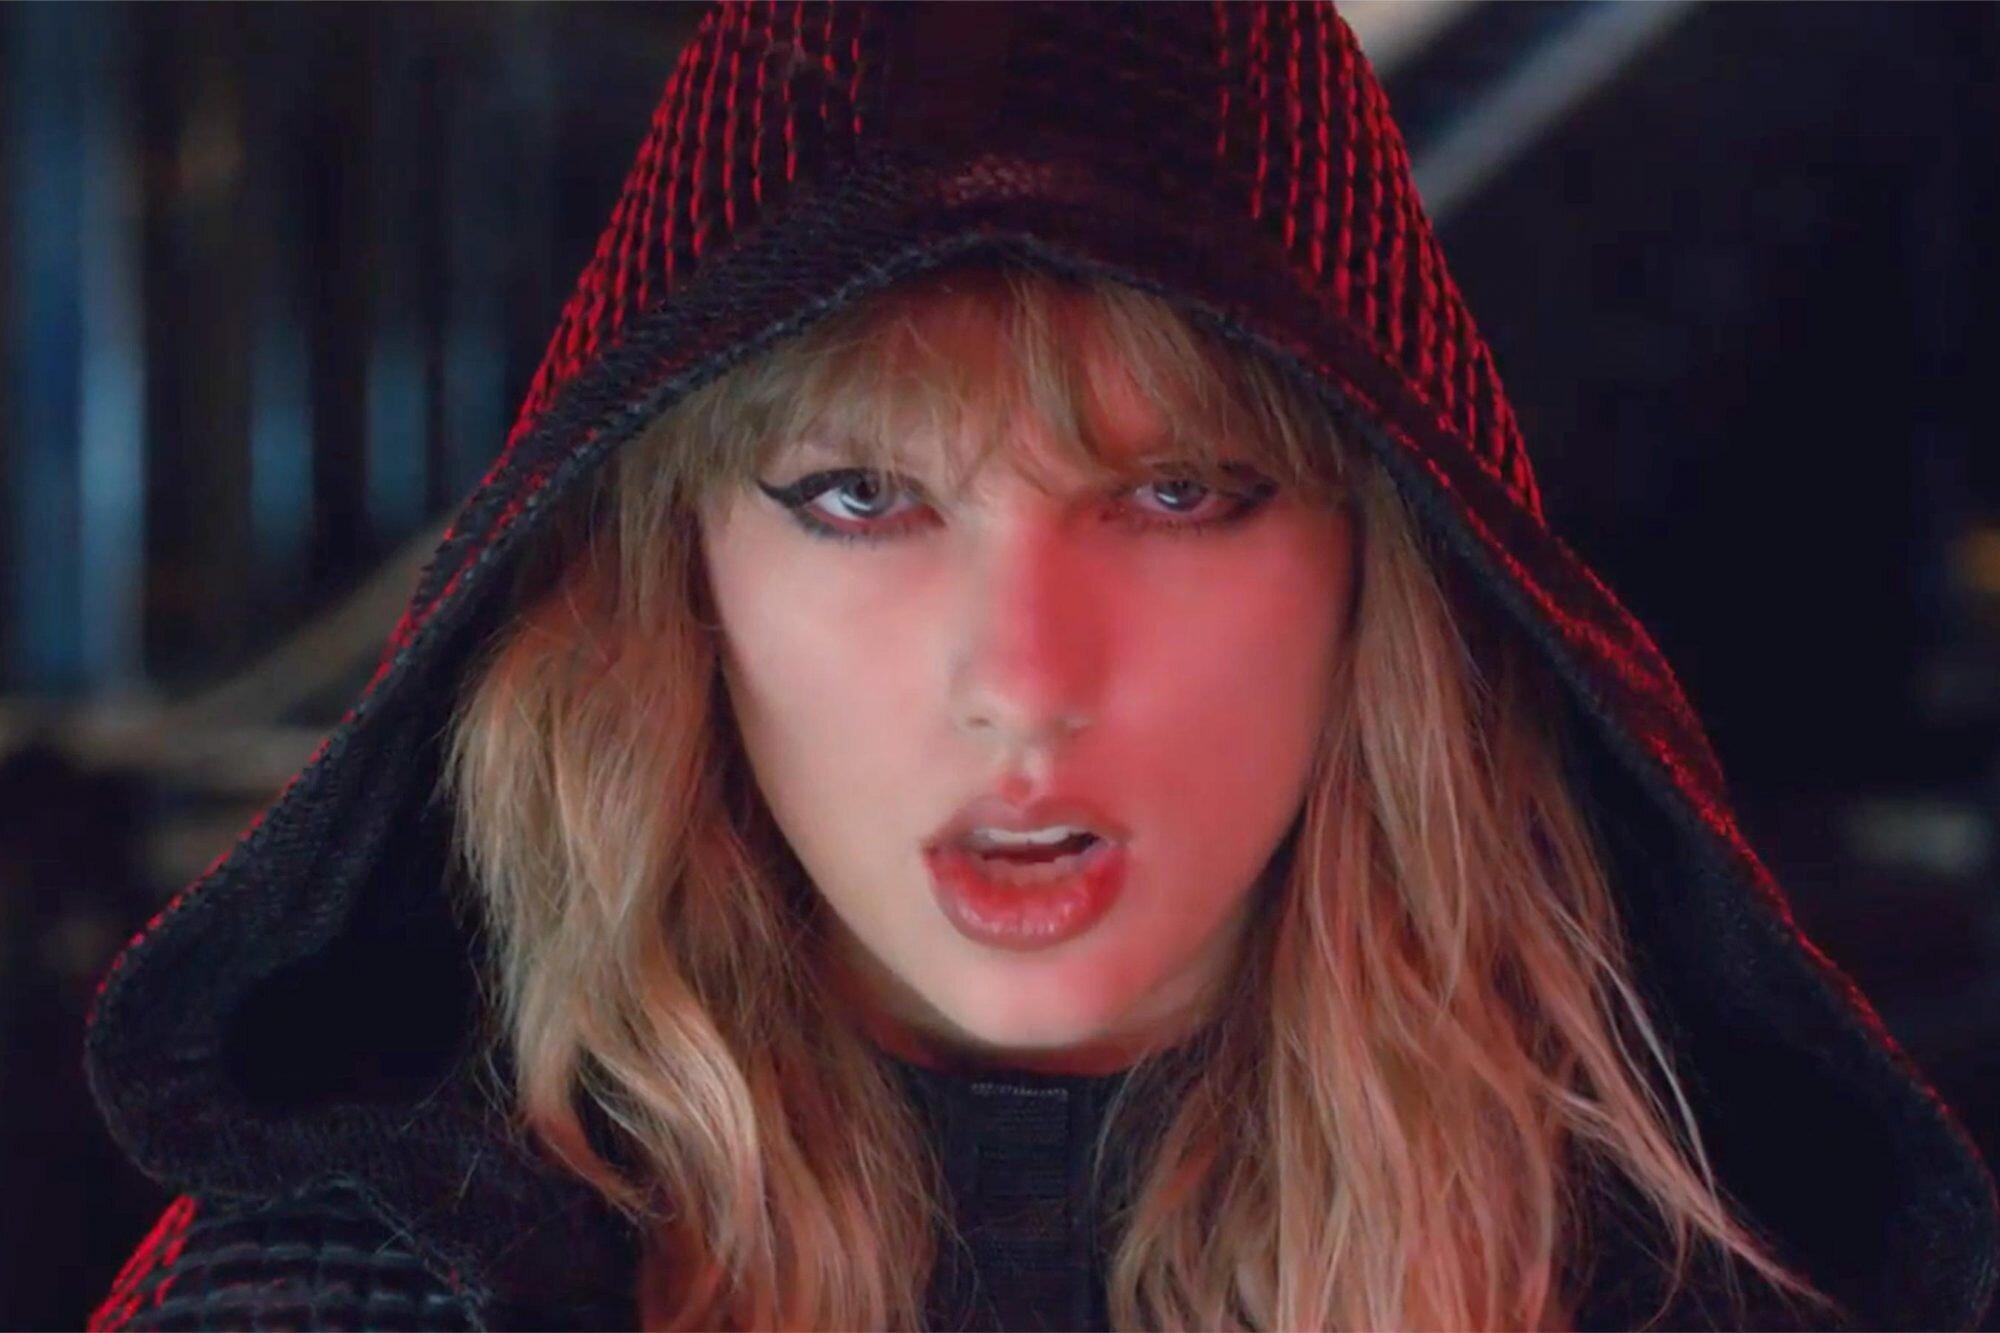 Taylor Swift Ready For It Video Joe Alwyn Easter Eggs You Missed Ew Com